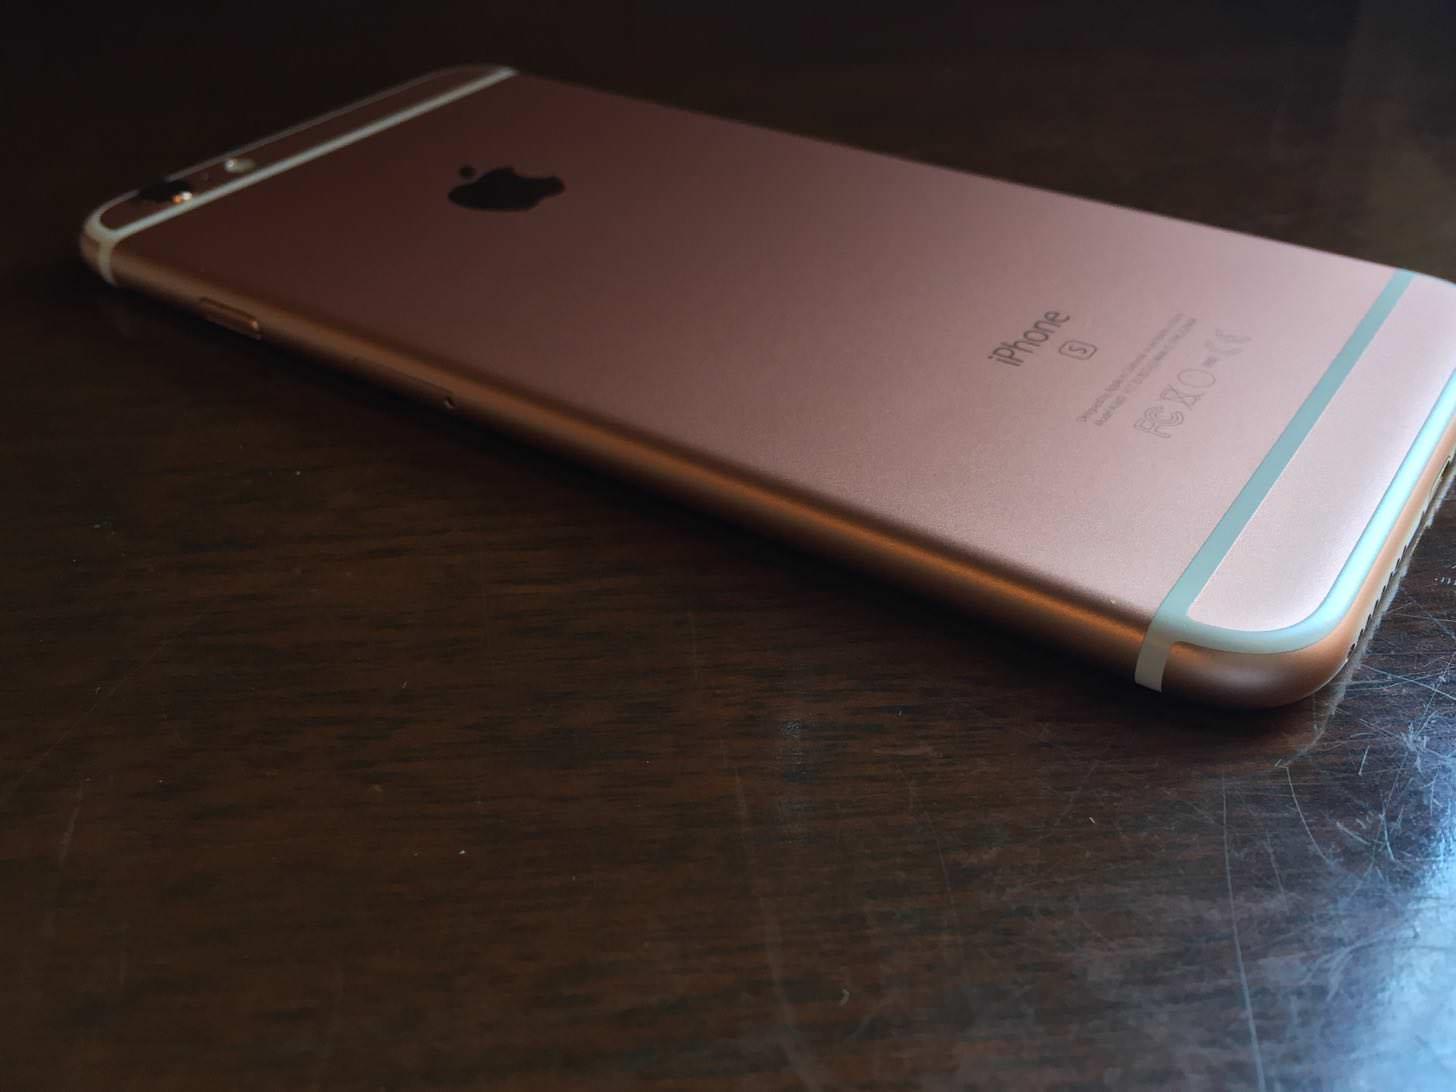 iPhone 6s Plus ローズゴールド 64GBの左サイド。